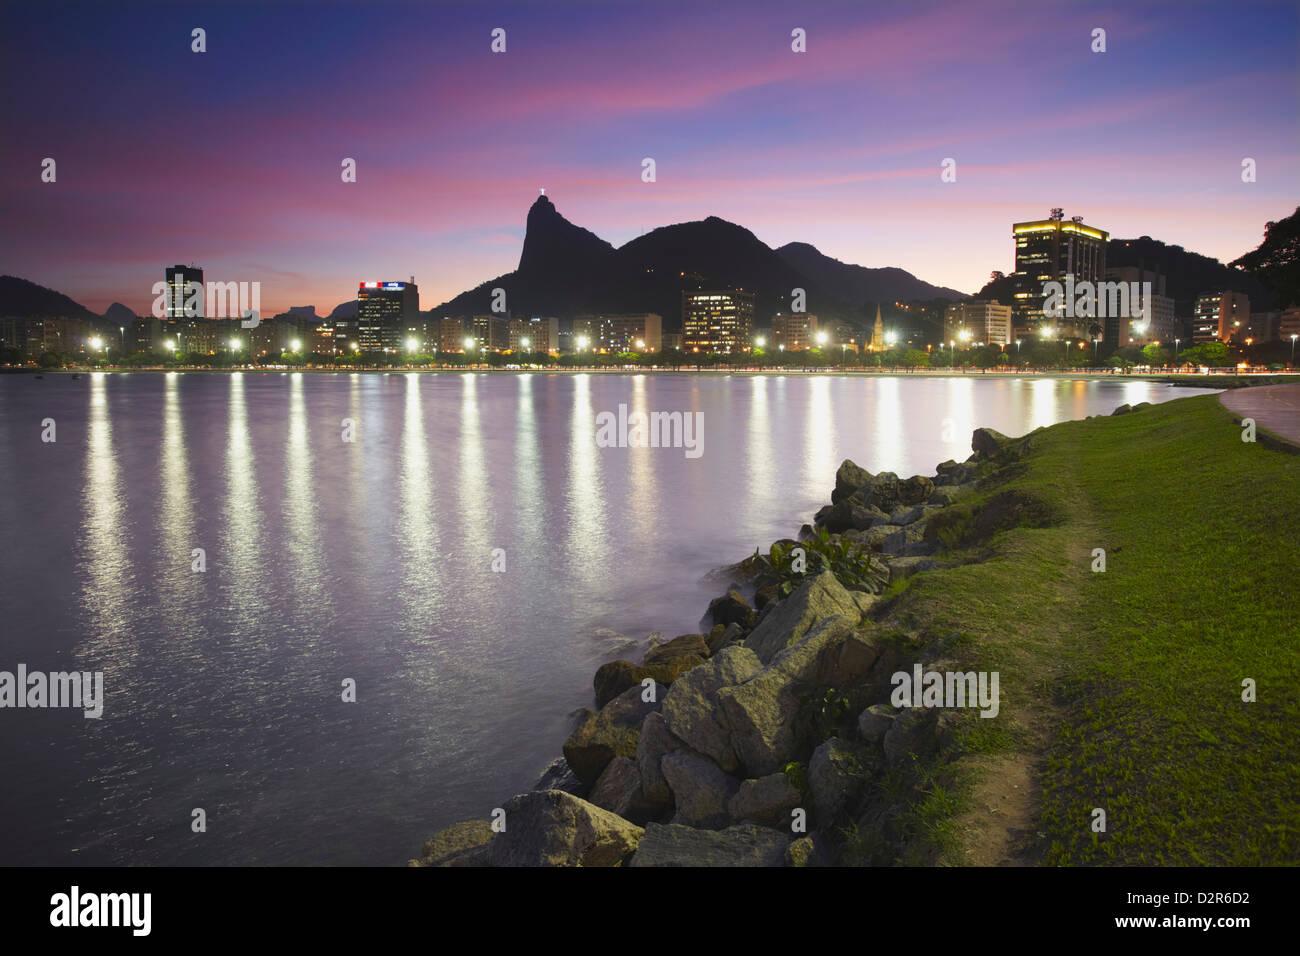 Botafogo Bay and Christ the Redeemer statue (Cristo Redentor), Rio de Janeiro, Brazil, South America - Stock Image